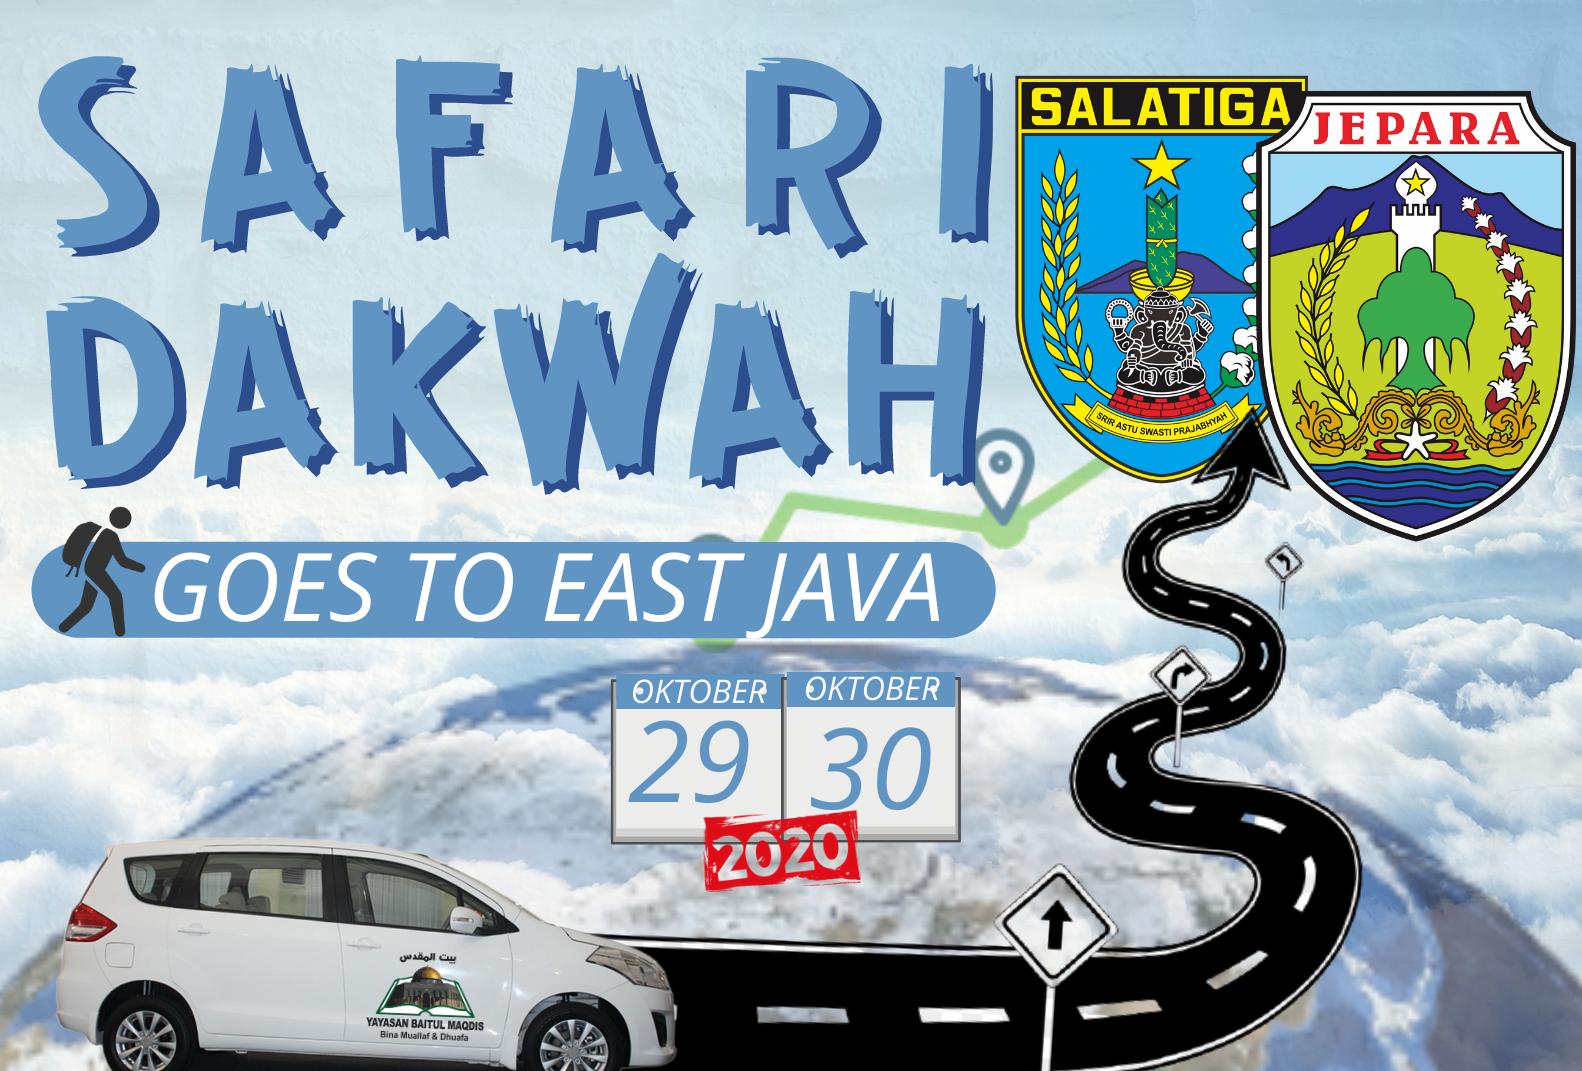 Safari Dakwah Di 2 Kota